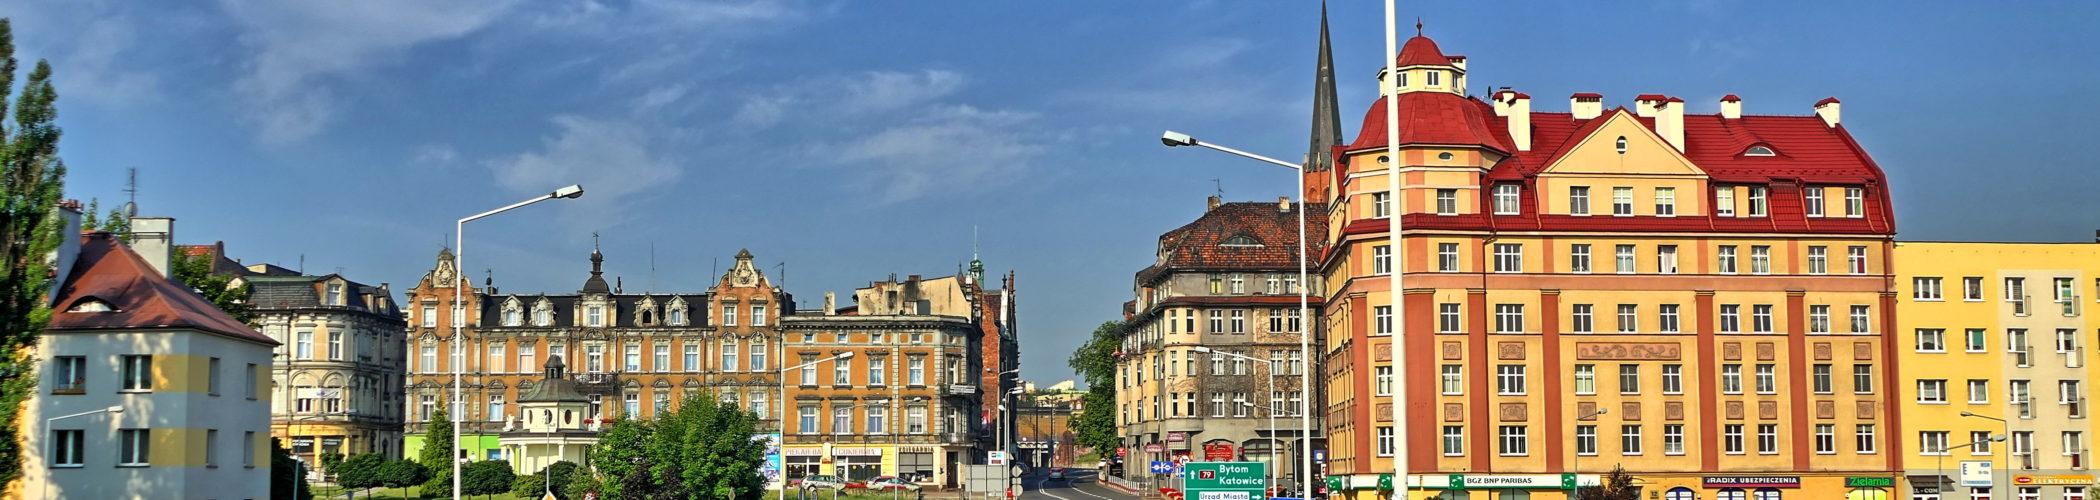 Zdjęcie ul. Krakowskiej w Mysłowicach